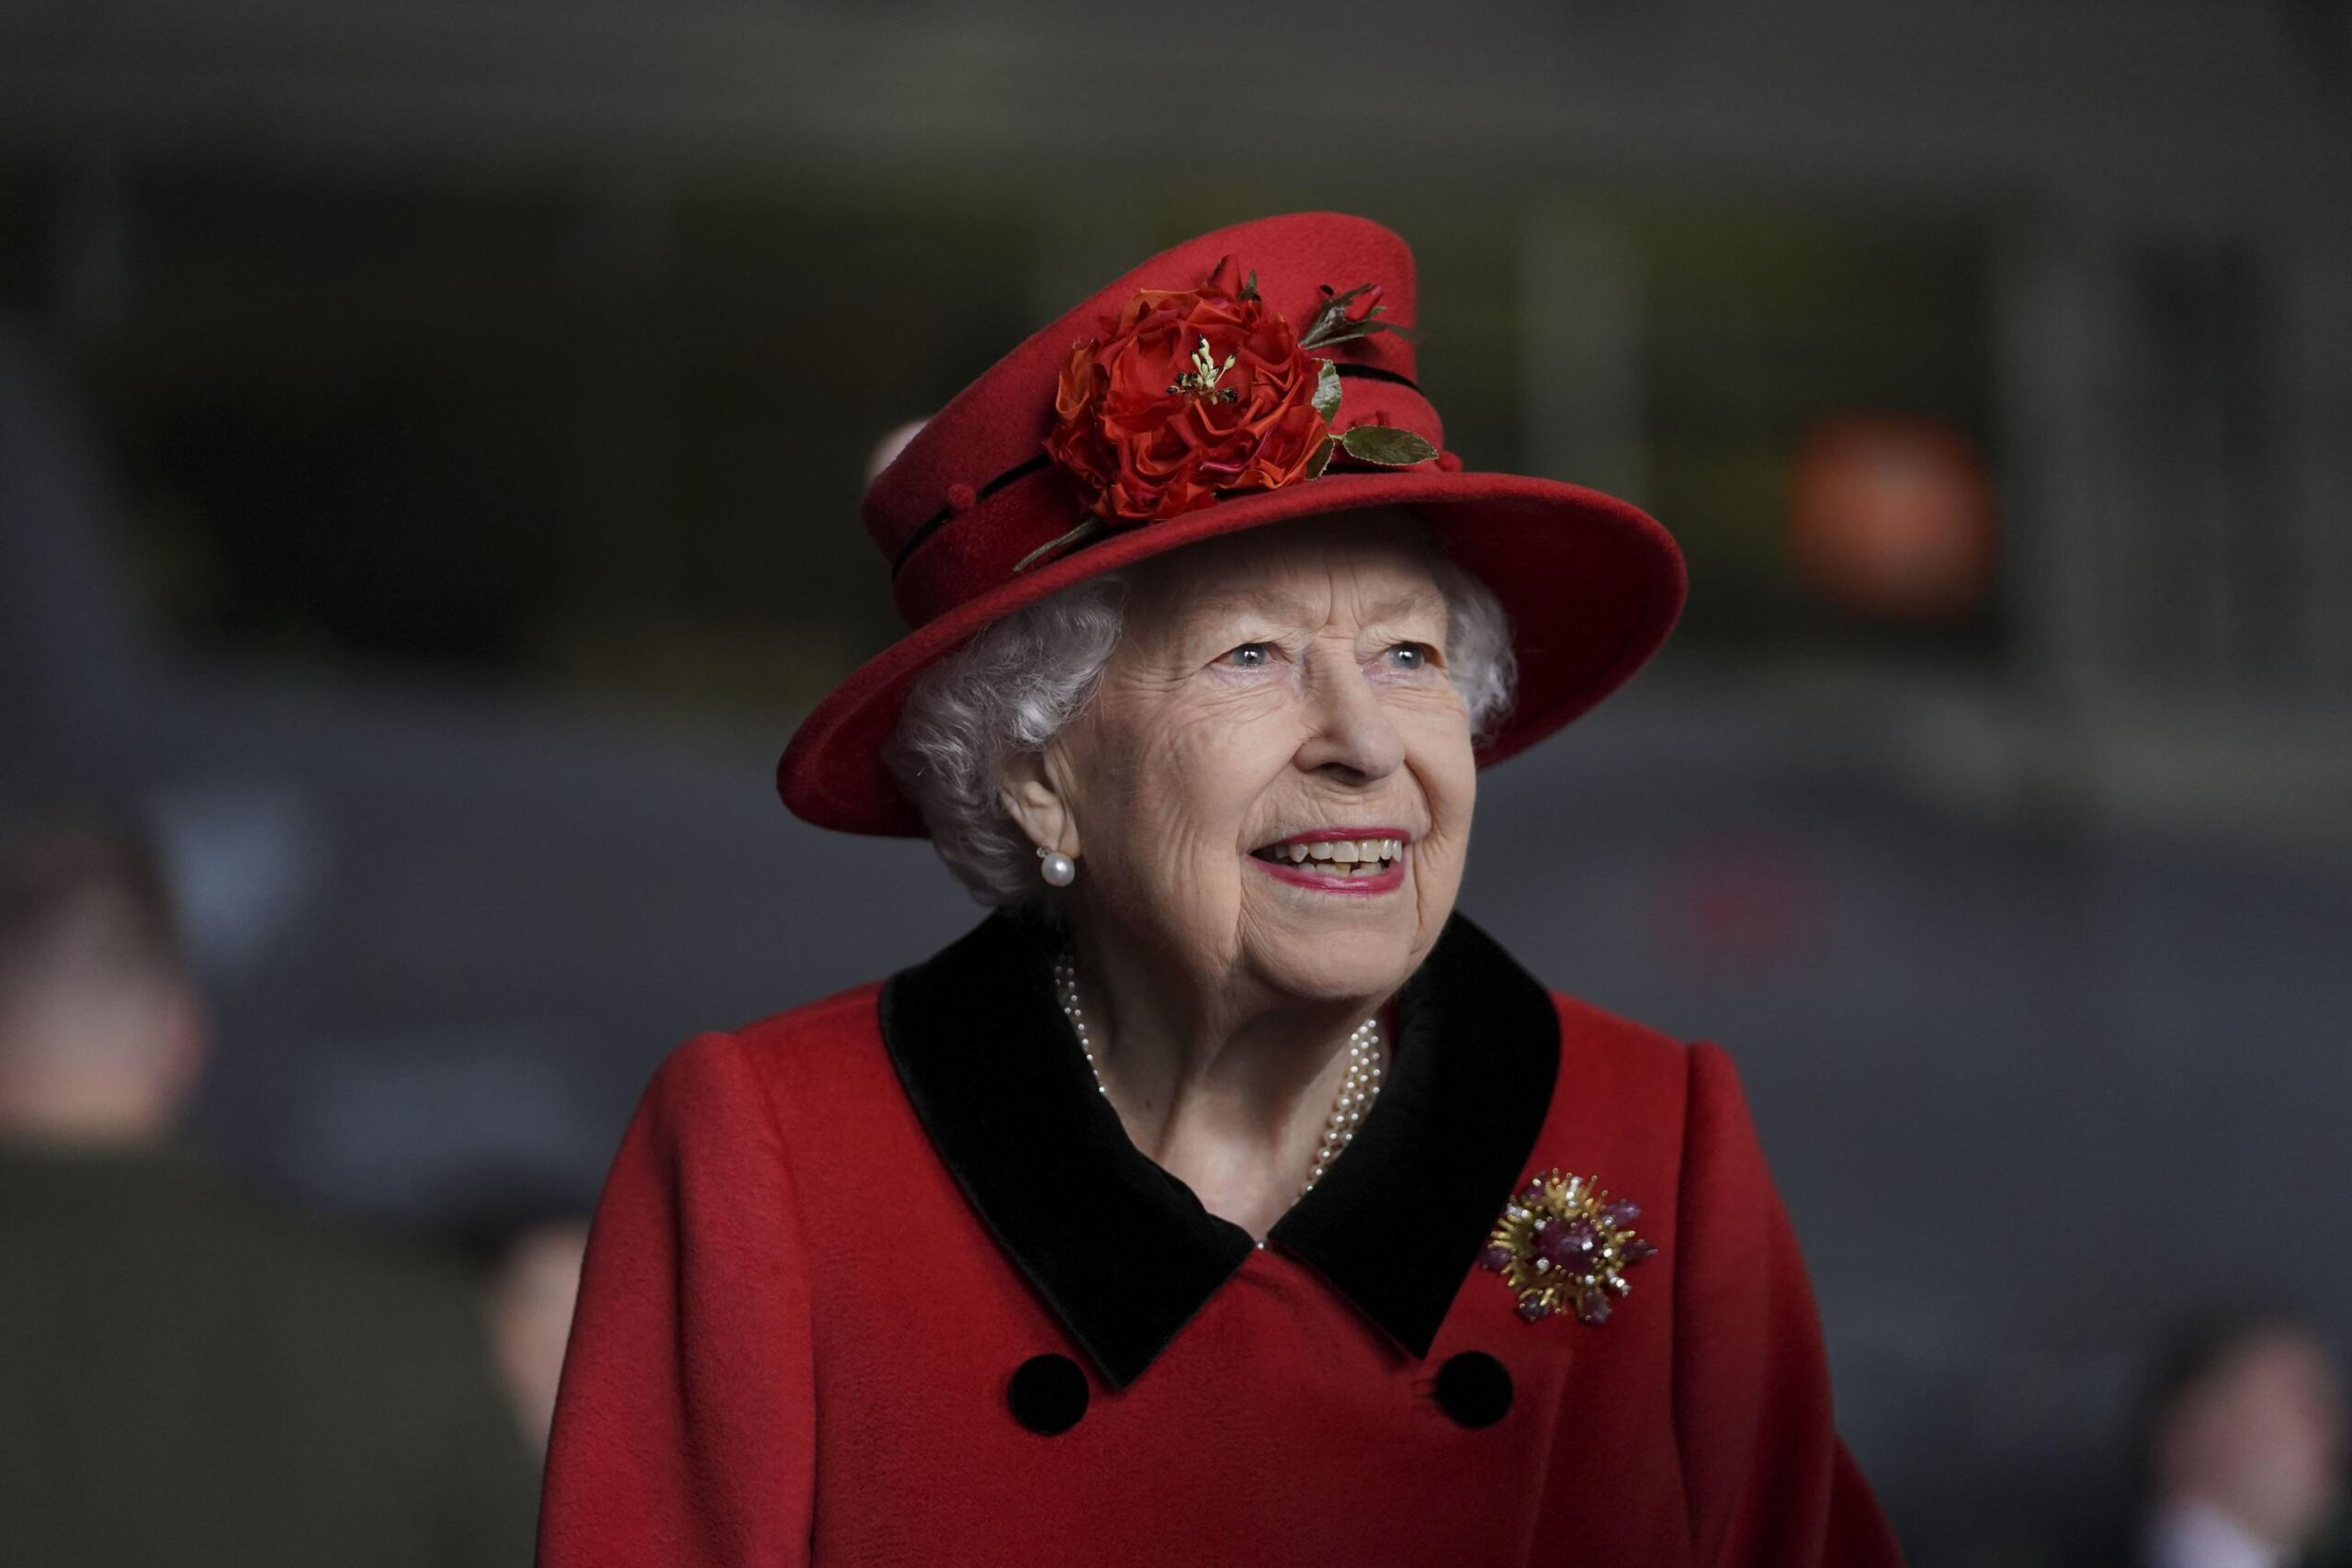 Операция «Лондонский мост». Как столицу Великобритании готовят к смерти королевы